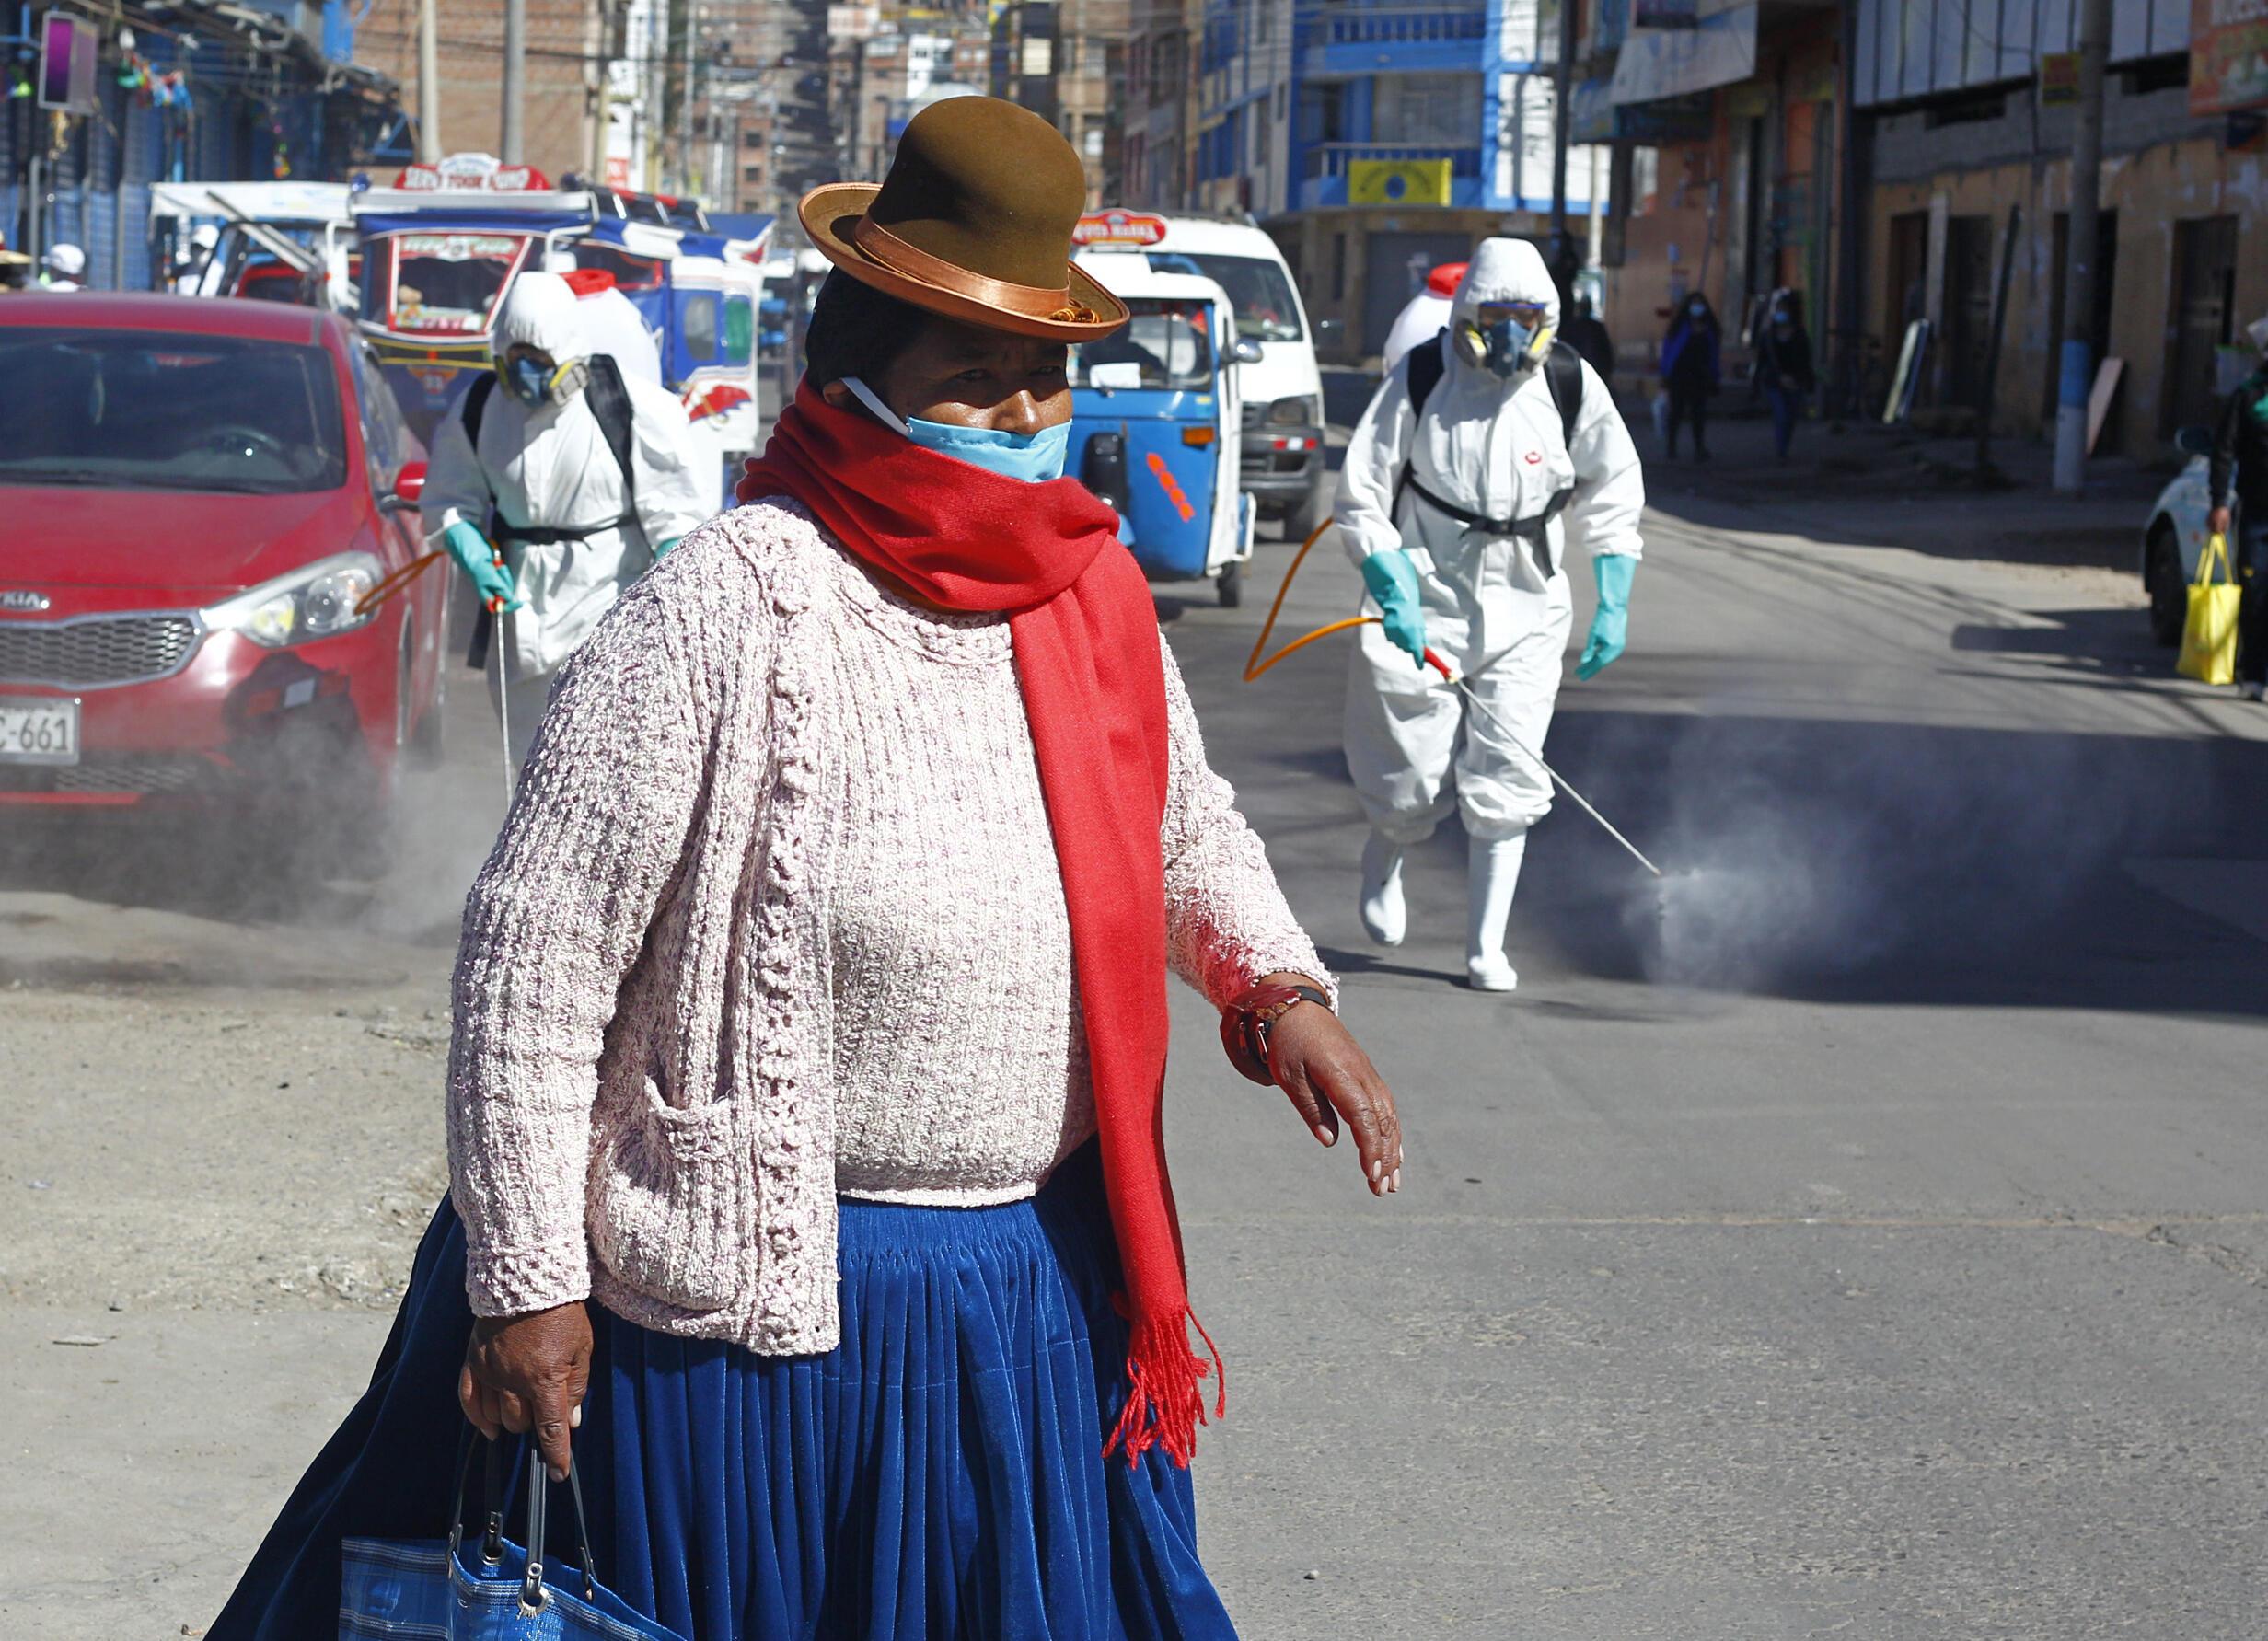 Una mujer con atuendos indígenas típicos aymaras camina cerca de los trabajadores municipales que desinfectan un mercado en Puno, Perú, cerca de la frontera con Bolivia, el 10 de junio de 2020